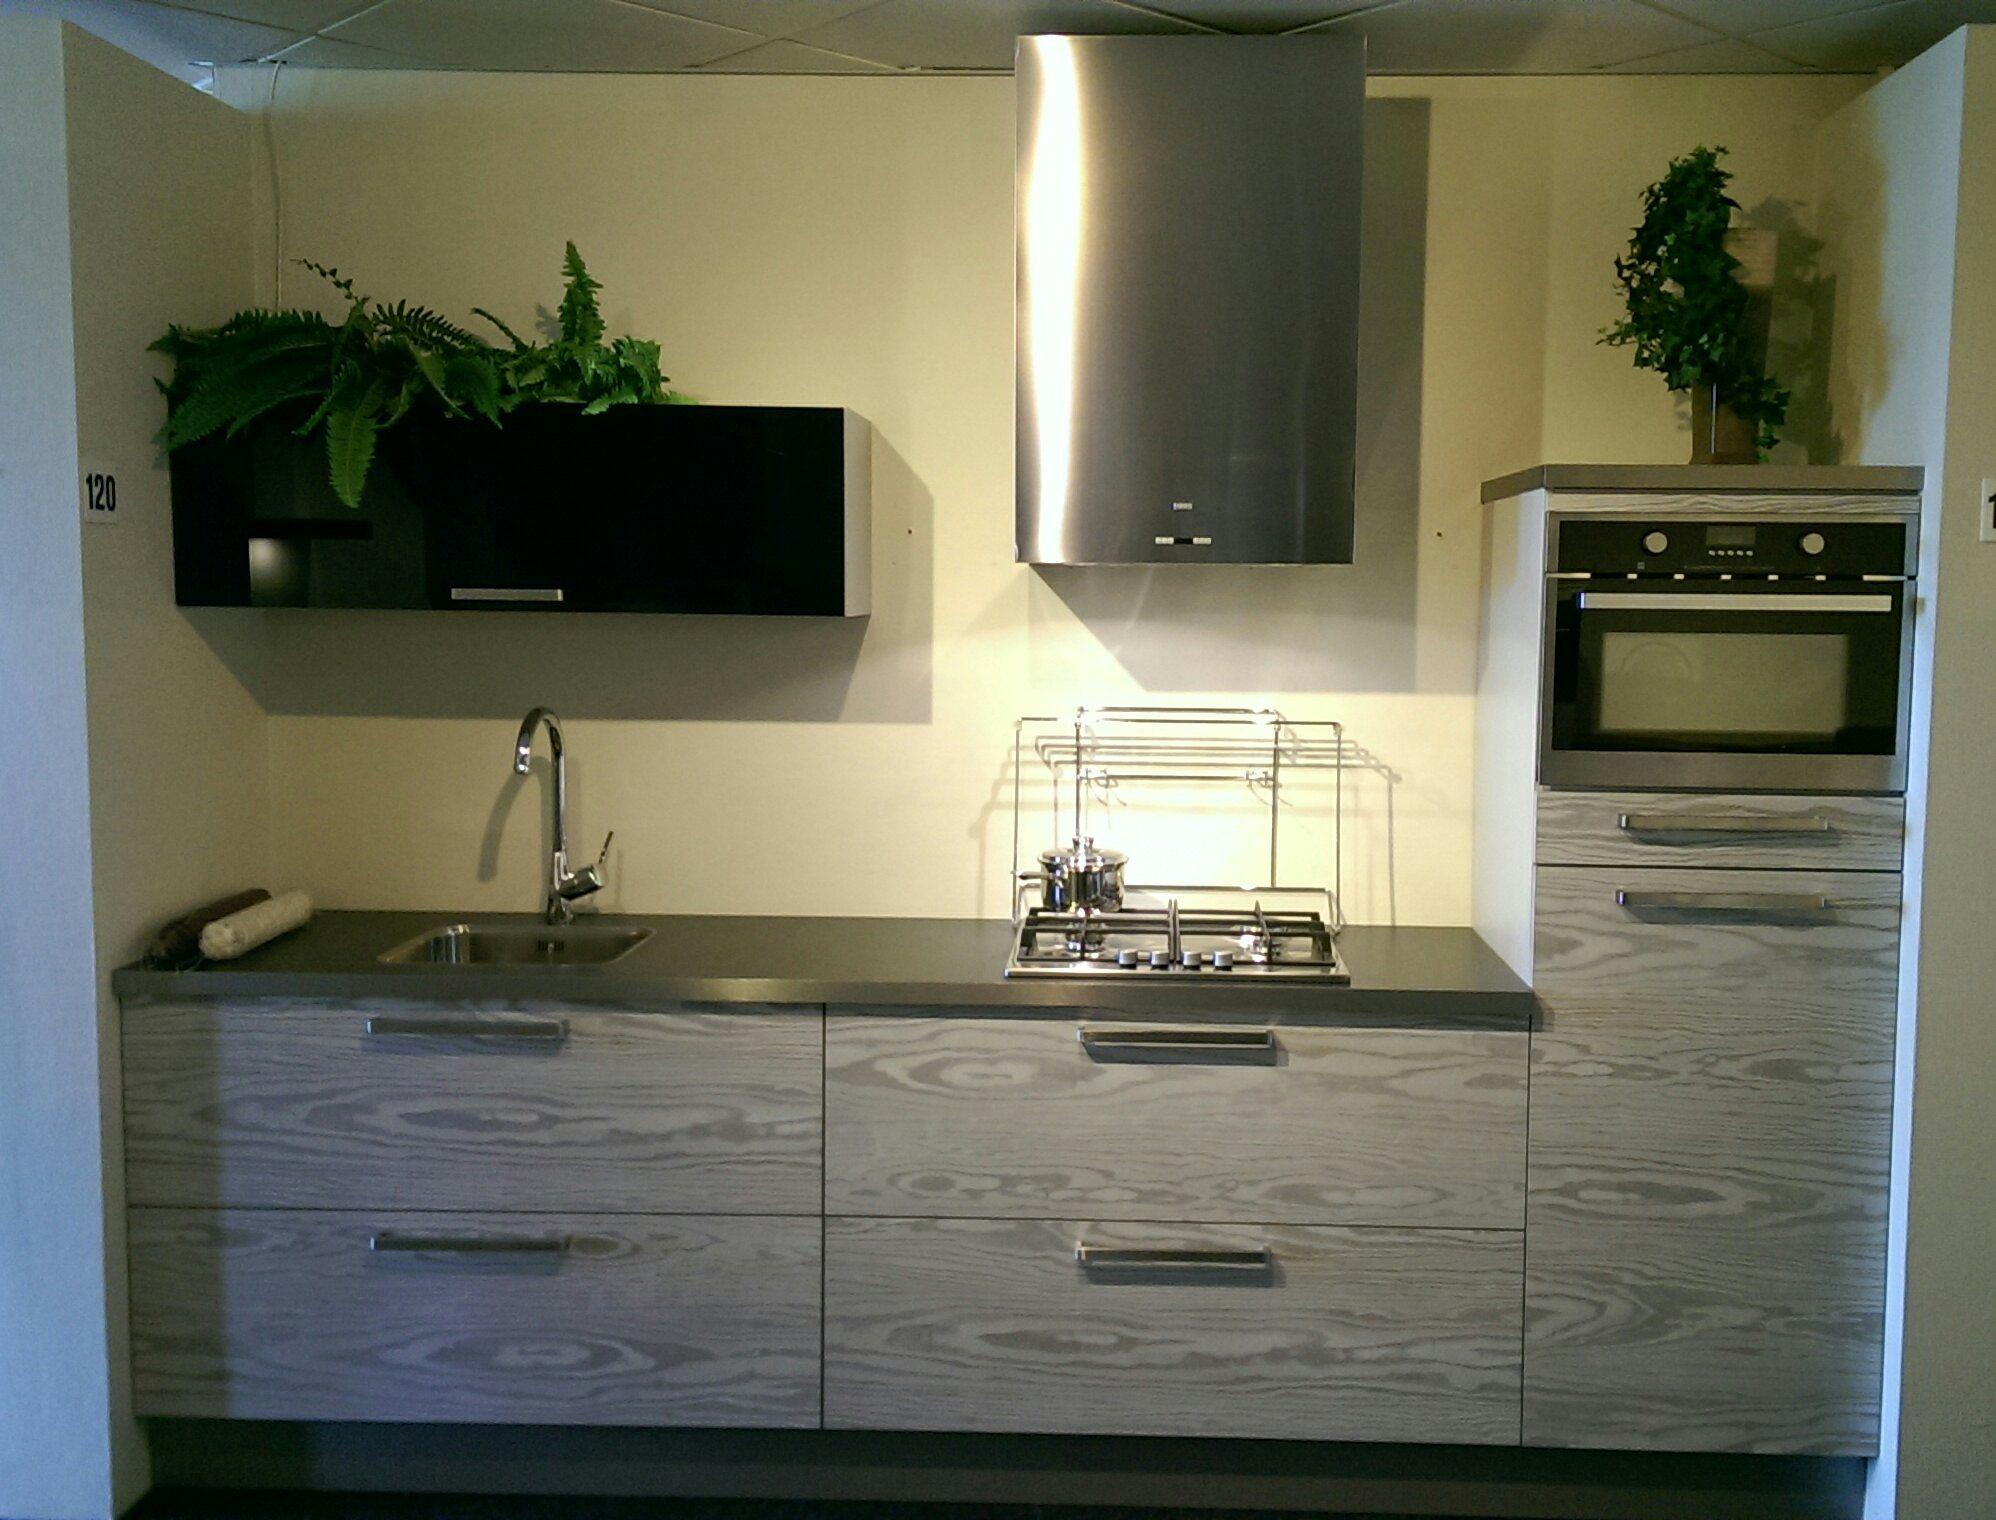 De voordeligste woonwinkel van nederland kleine rechte keuken y120 49646 - Kleine keuken amerikaanse keuken ...